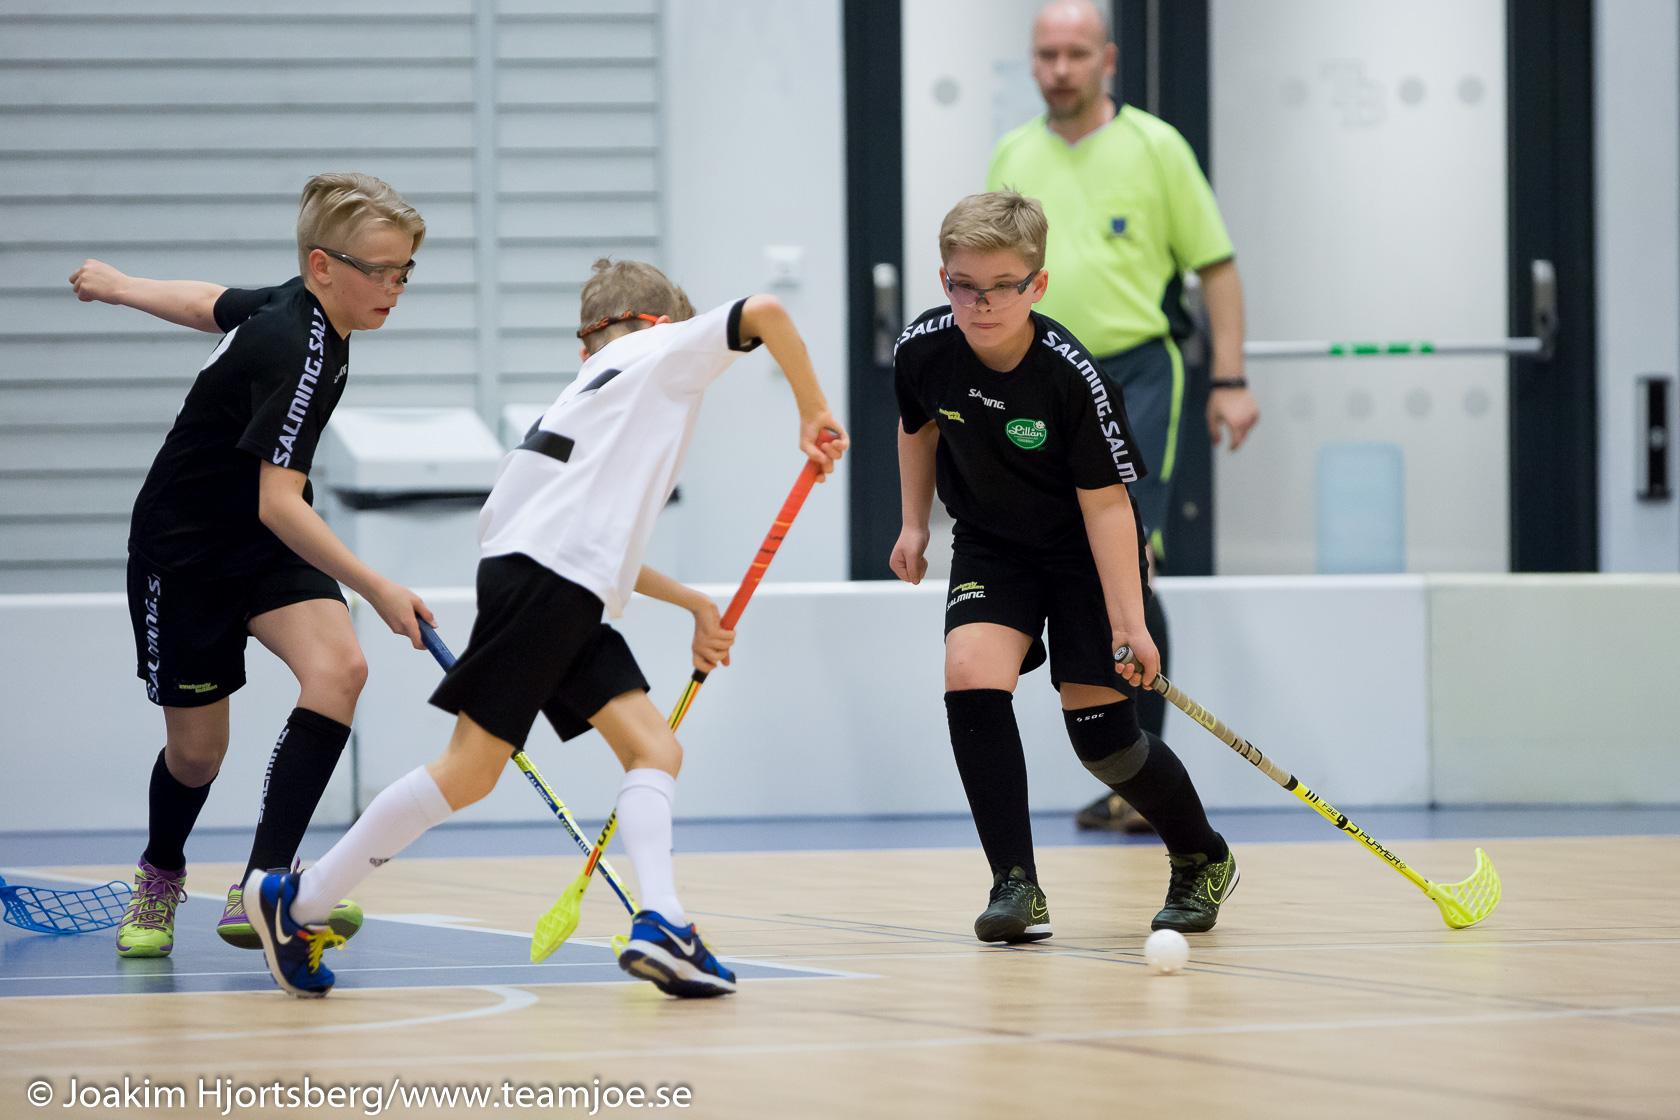 20160409_1950 Örebrocupen